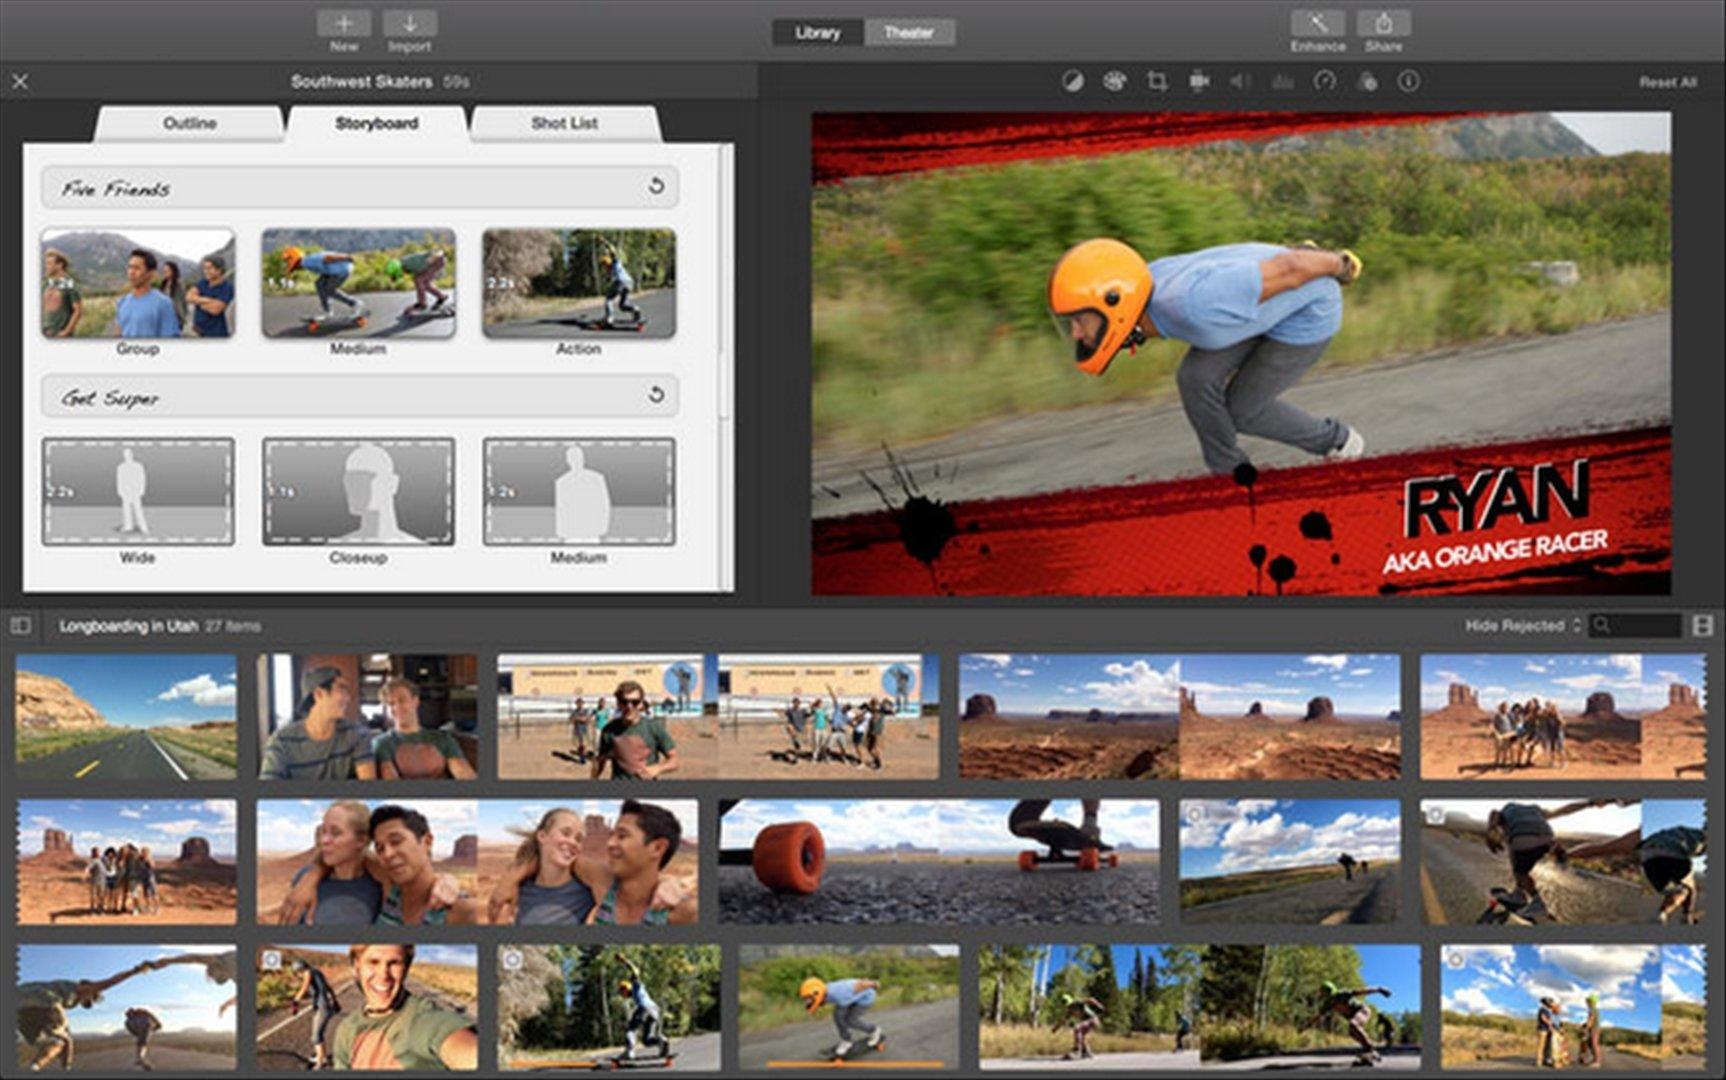 iMovie 10.1.8 - Descargar para Mac Gratis